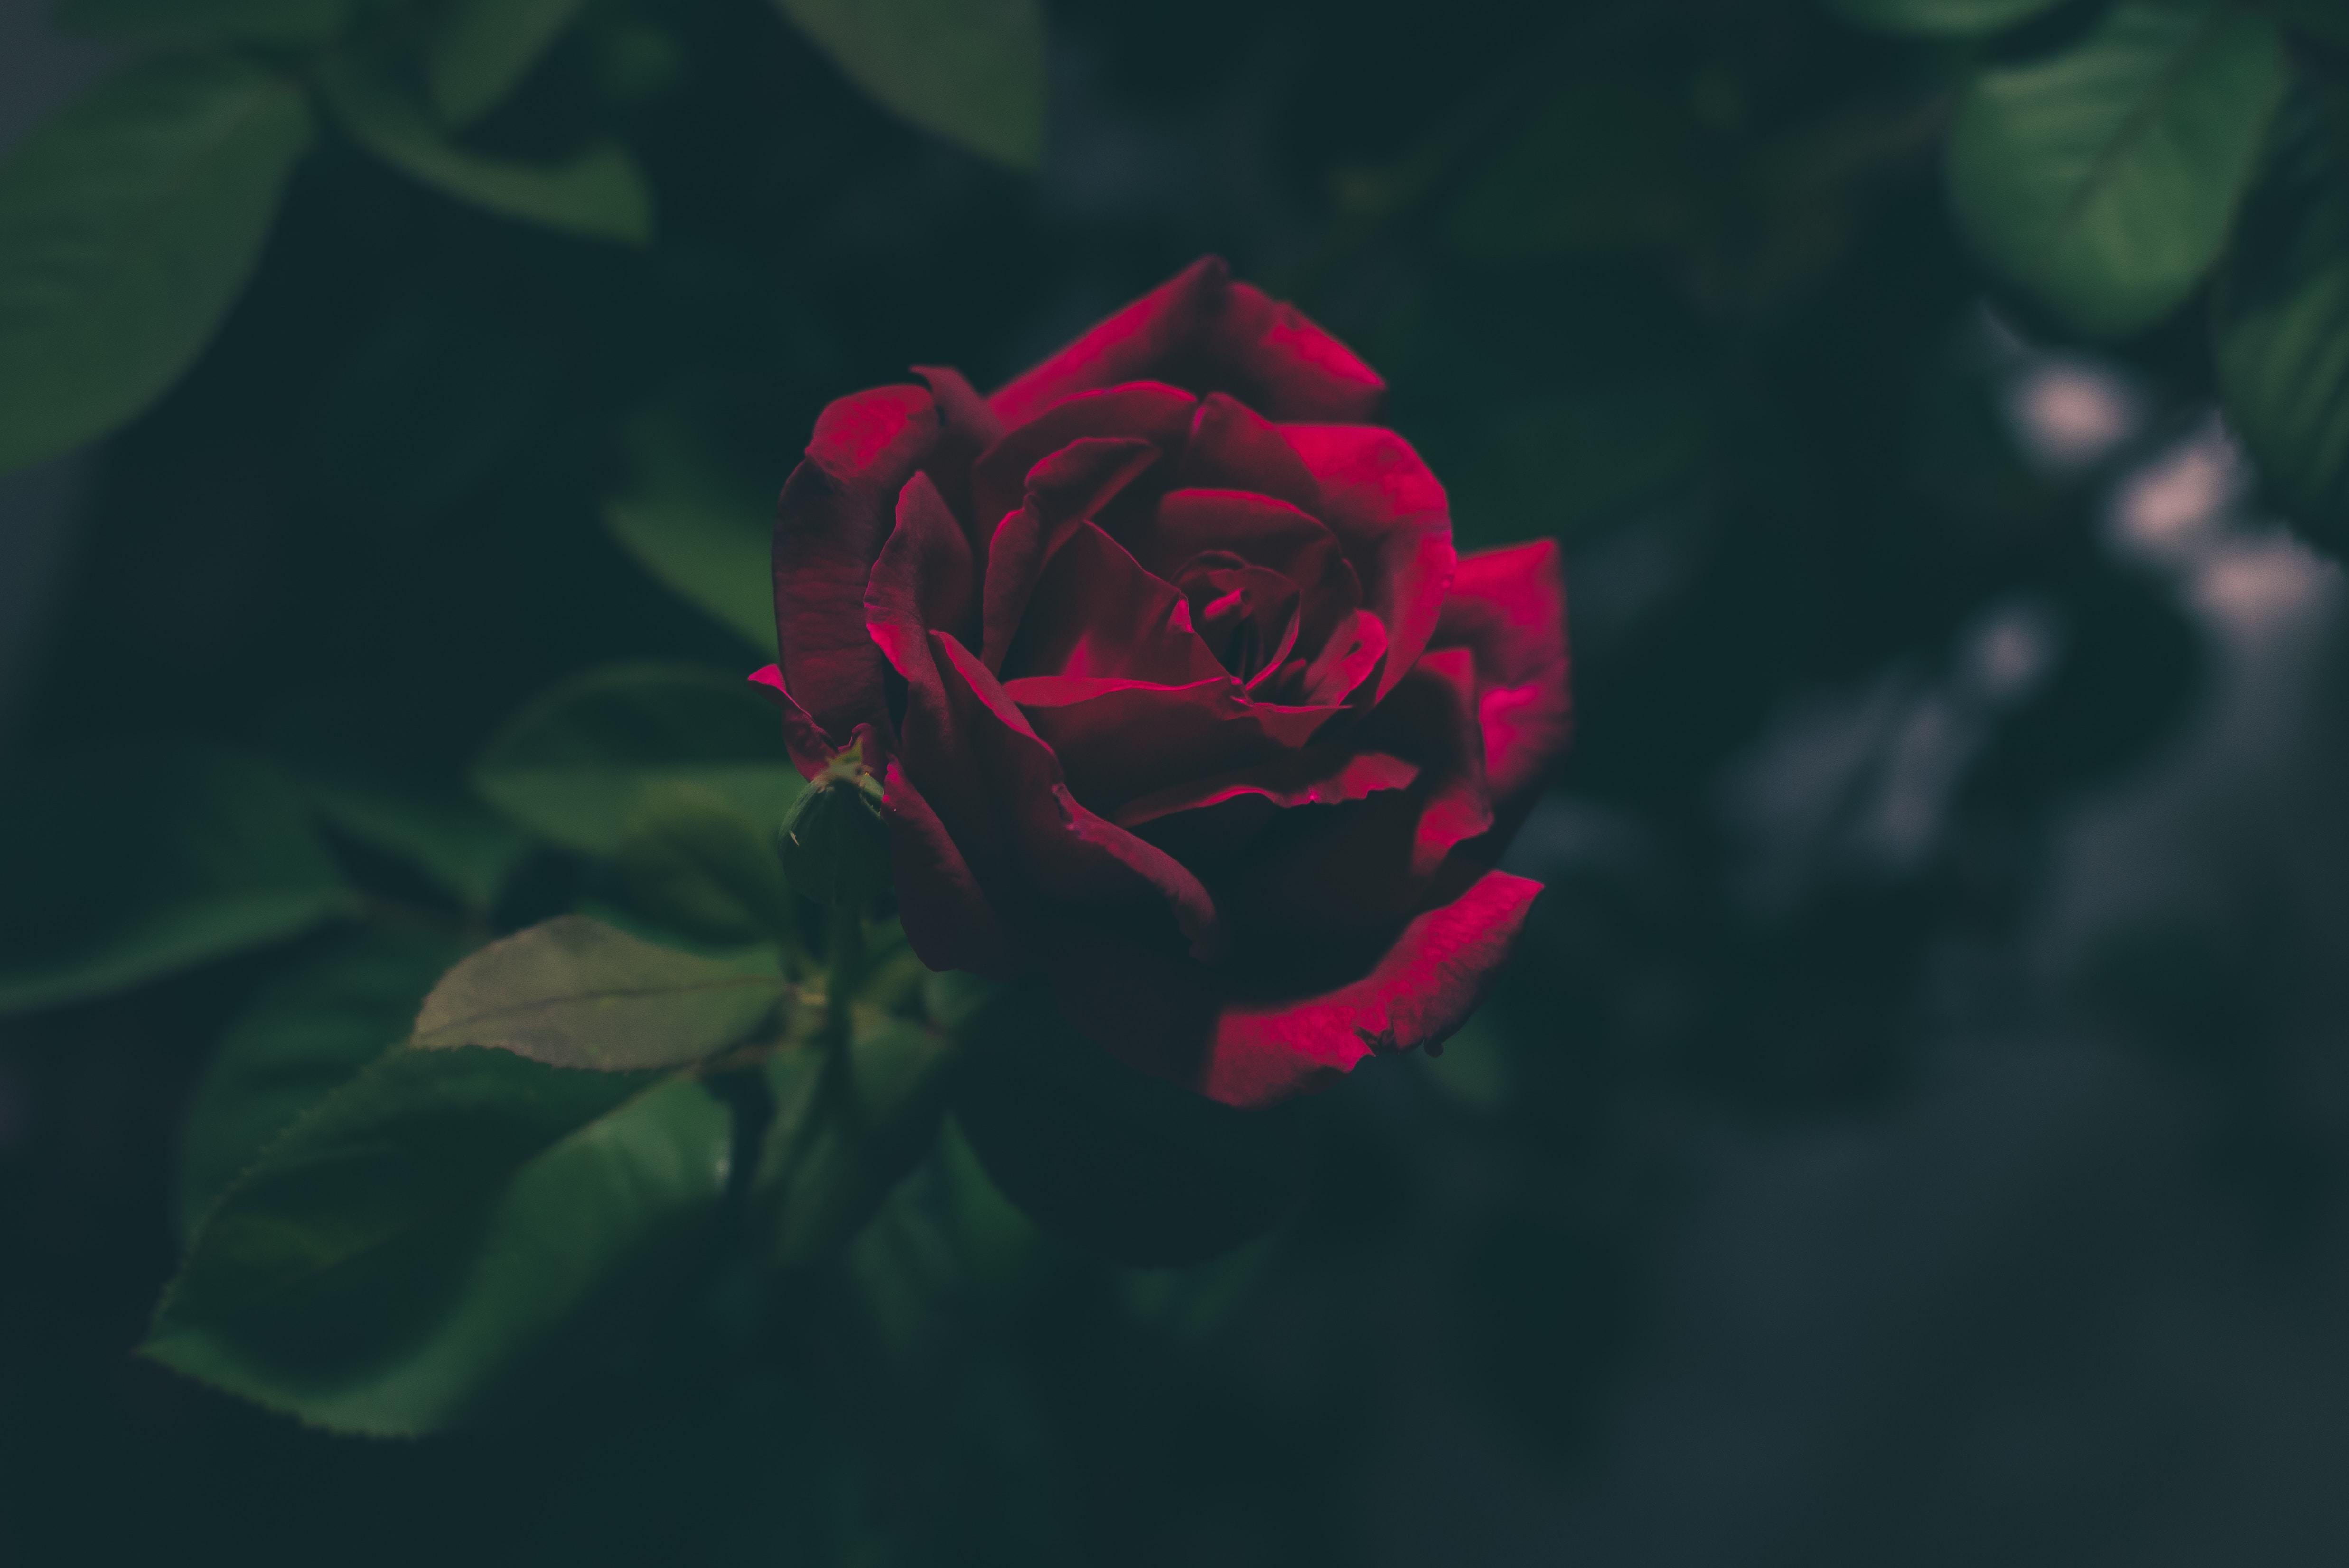 rosebud (sonnet) beauty stories